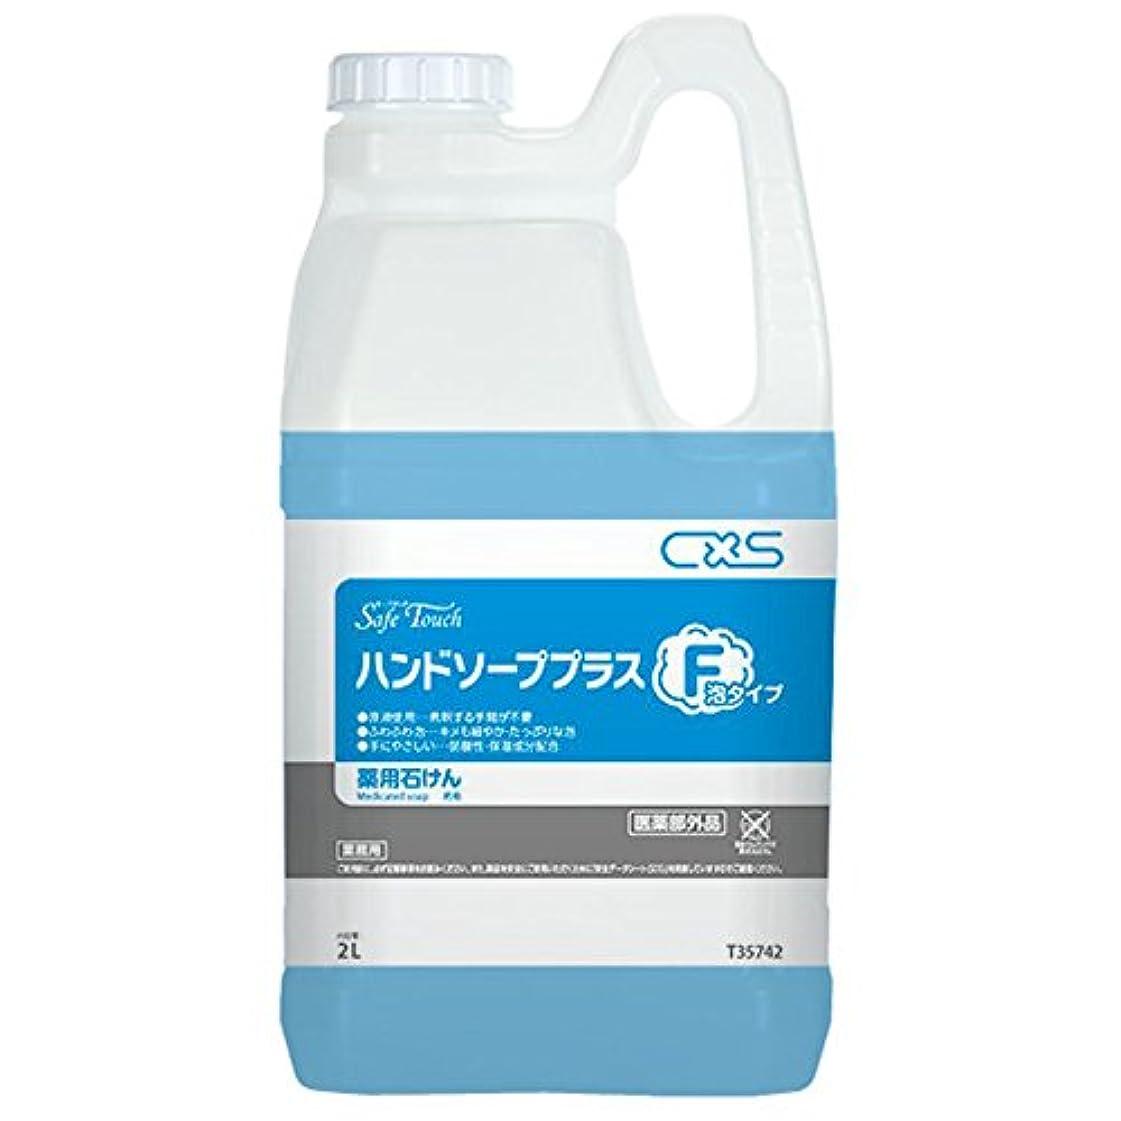 がっかりした絶え間ない不潔シーバイエス(C×S) 殺菌?消毒用手洗い石けん セーフタッチハンドソーププラスF 2L